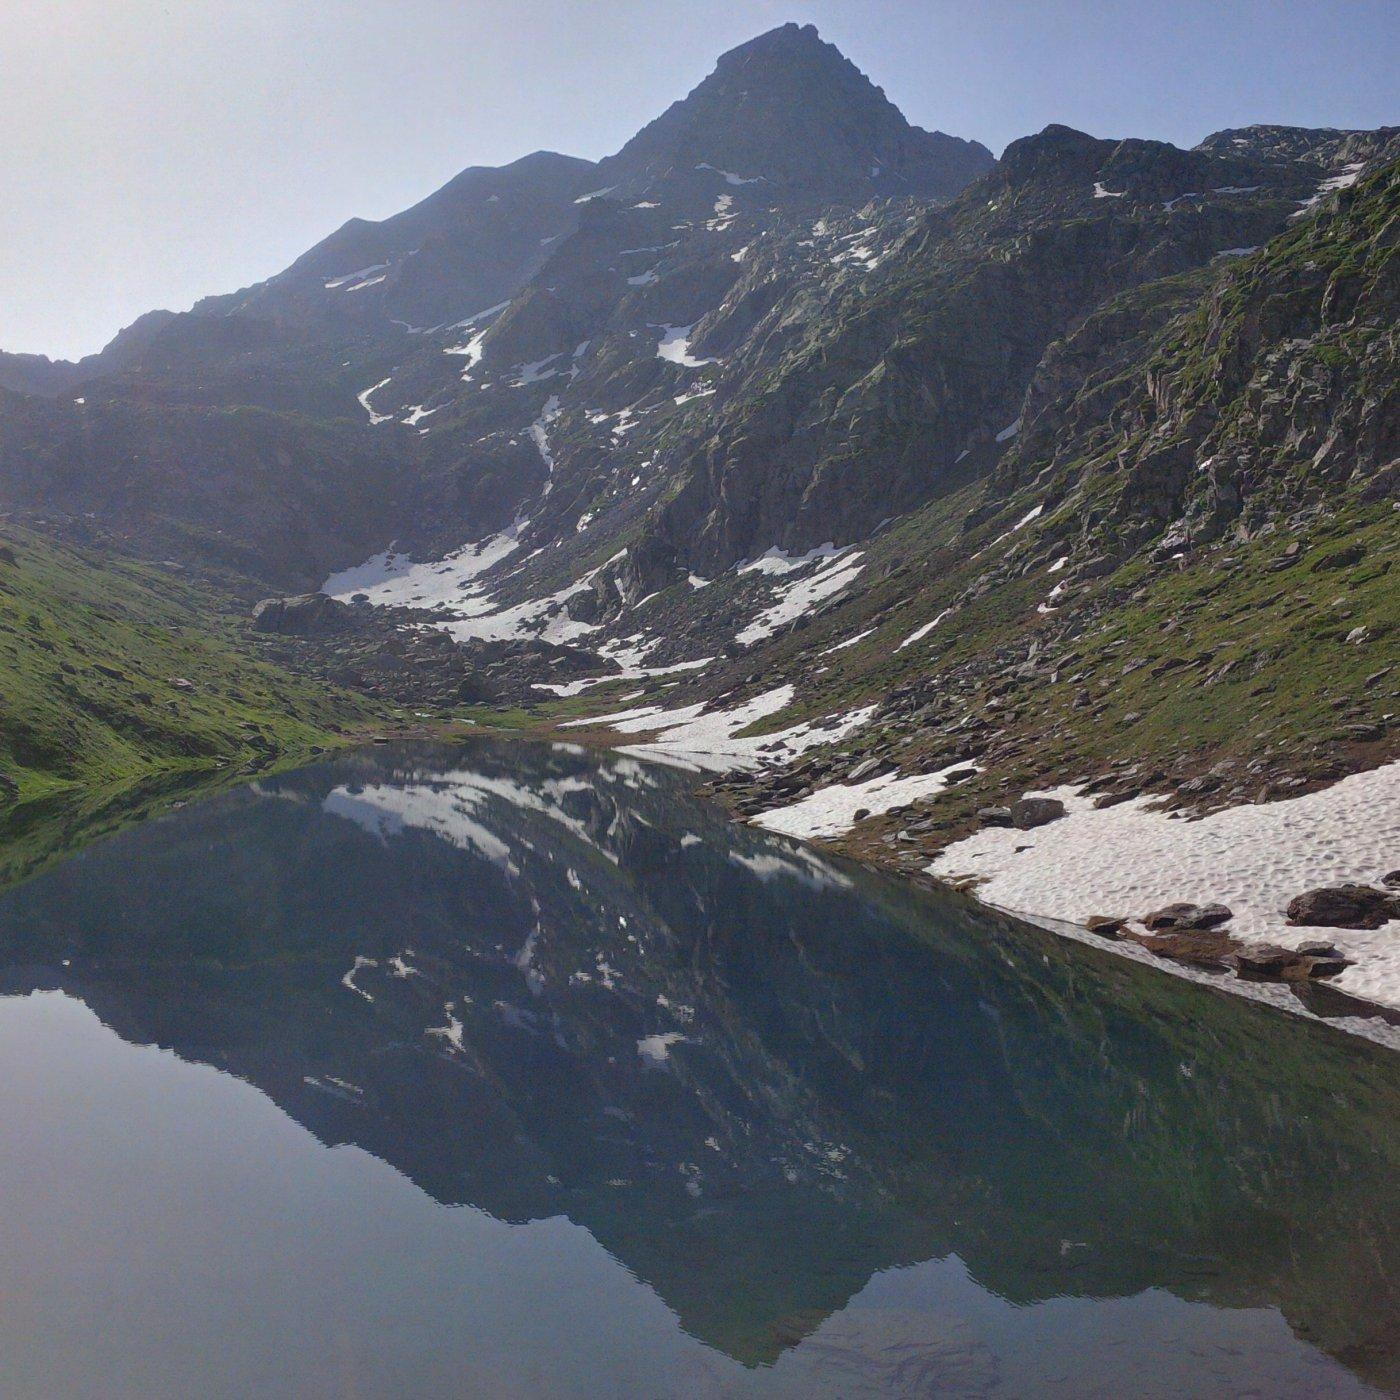 La cima e il lago Lungo, sempre dai dintorni del rifugio (foto E. Lana).